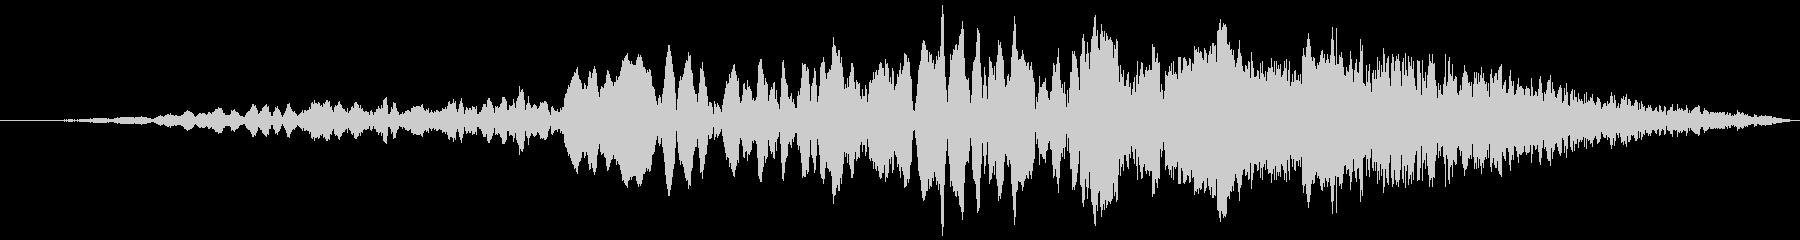 車 レース ブレーキ/タイヤスキール音8の未再生の波形